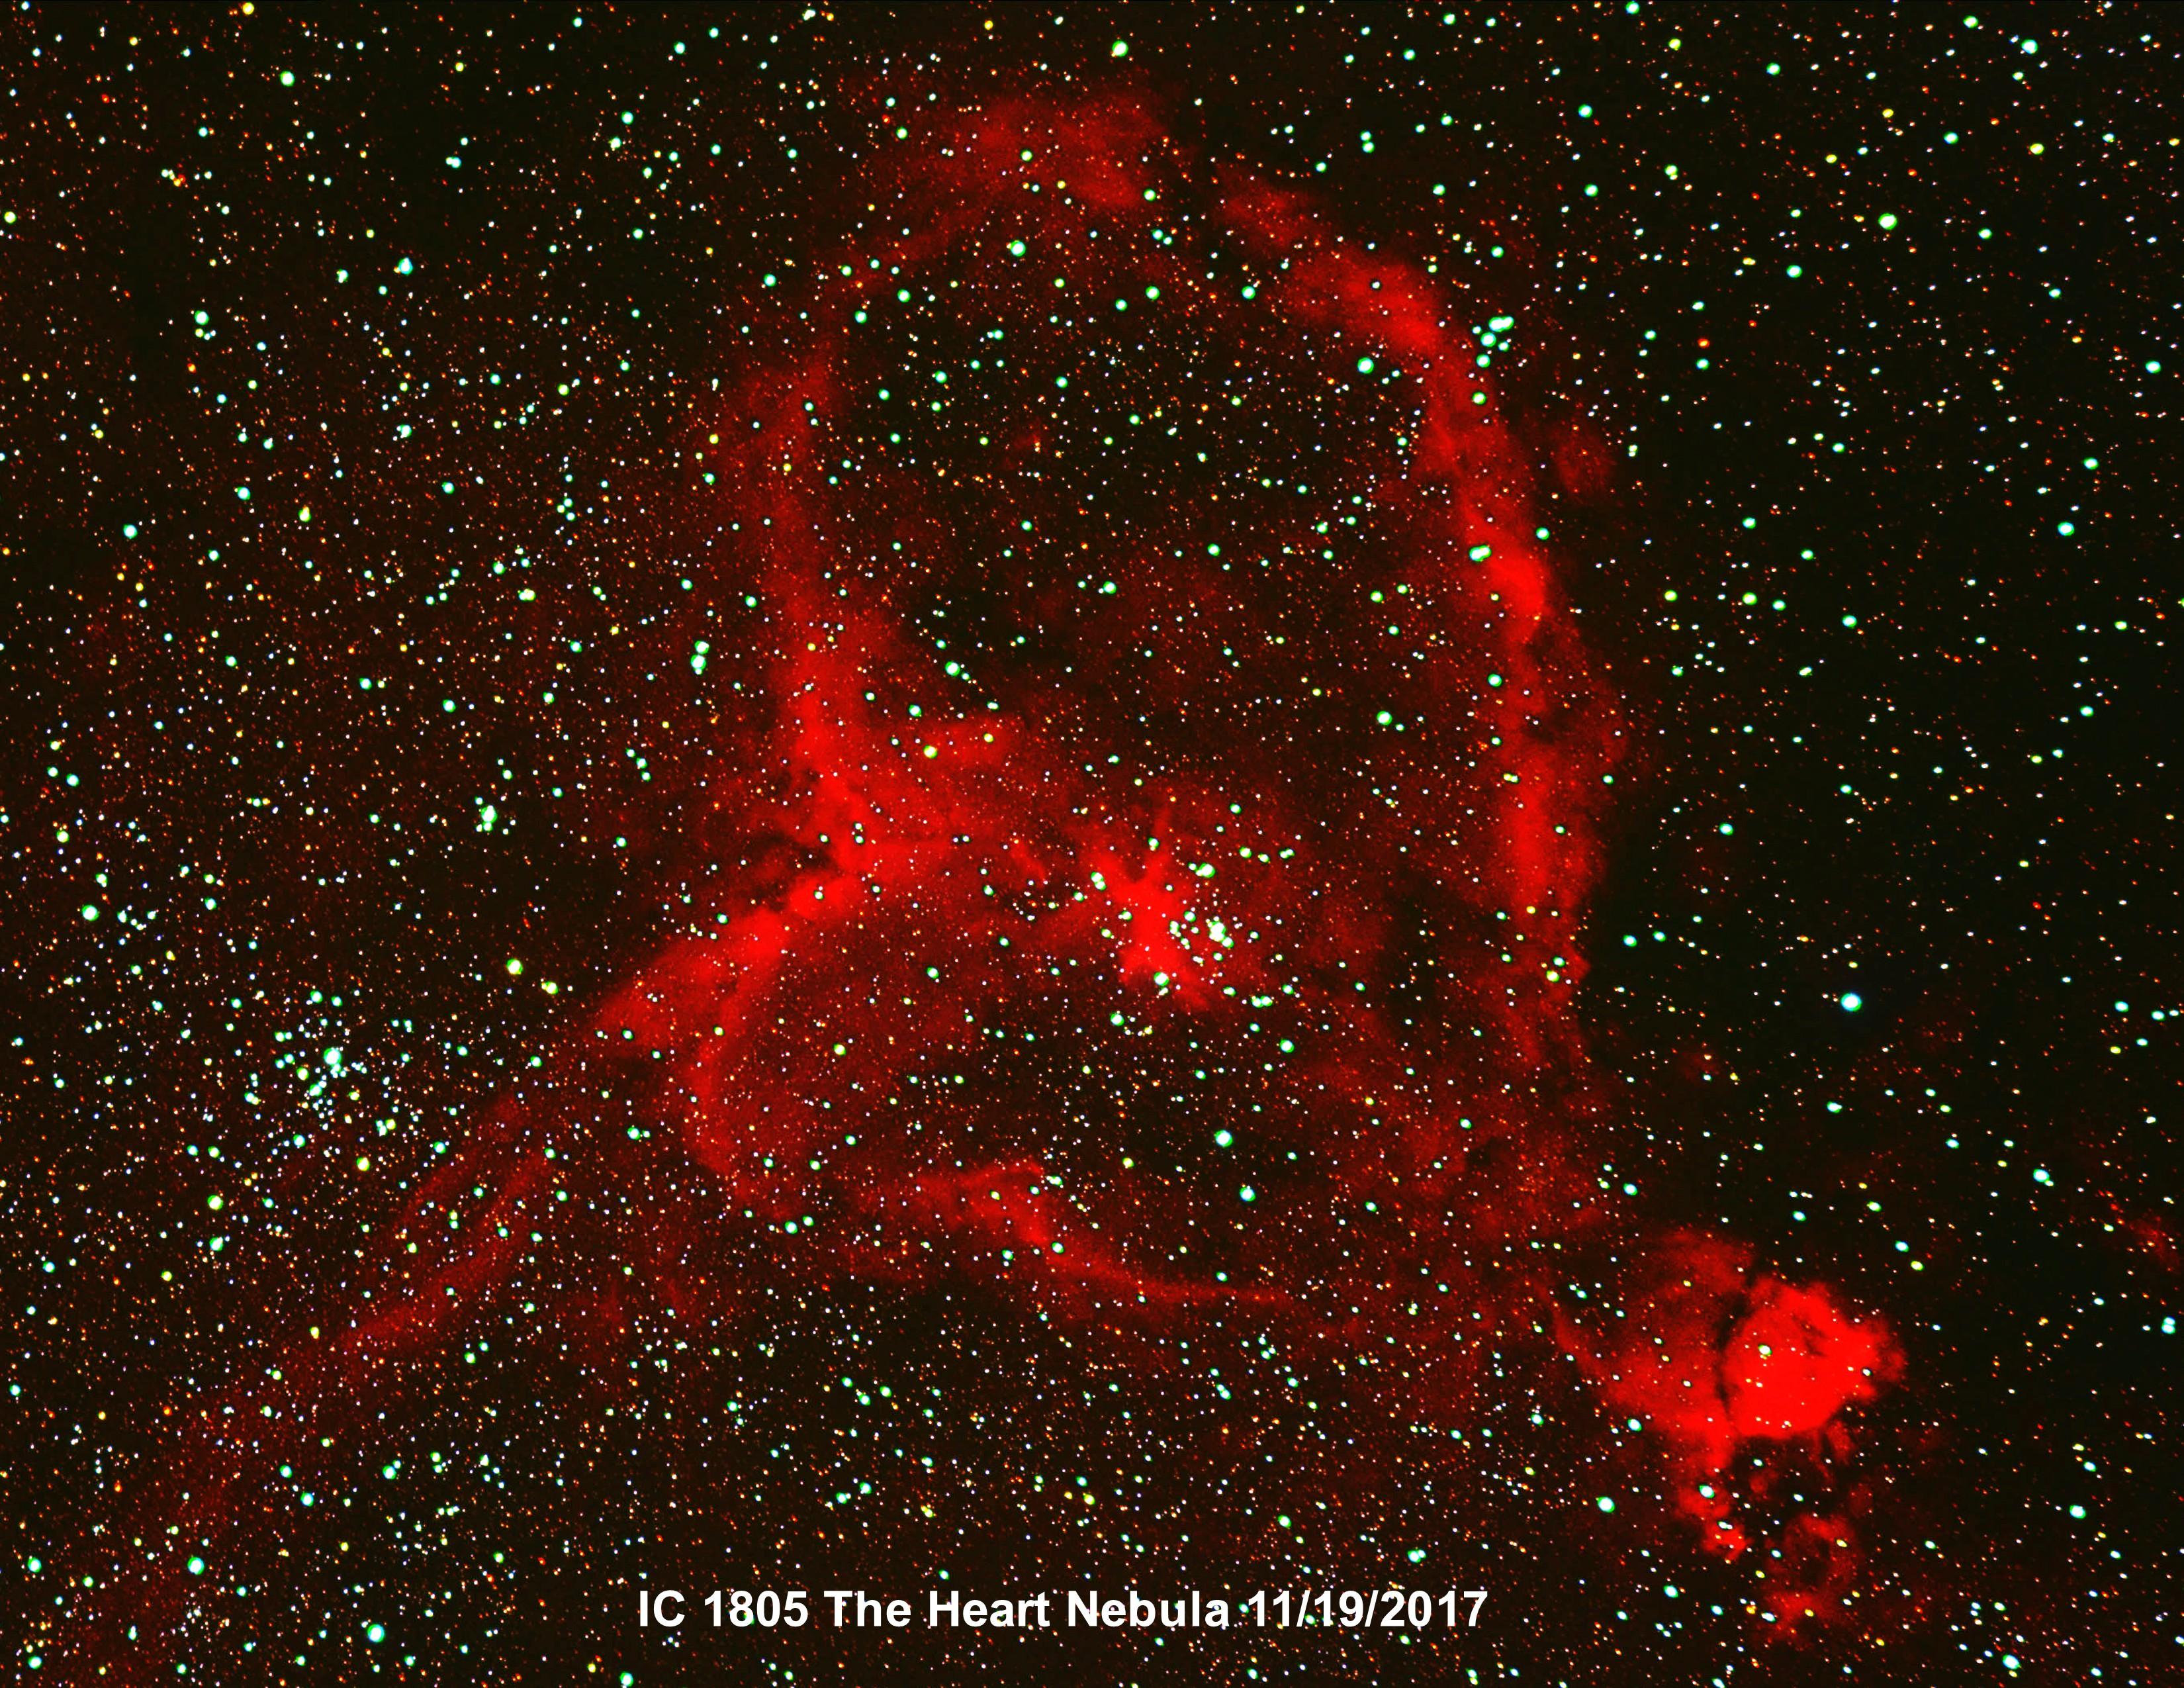 IC 1805 Heart Nebula 11-2017